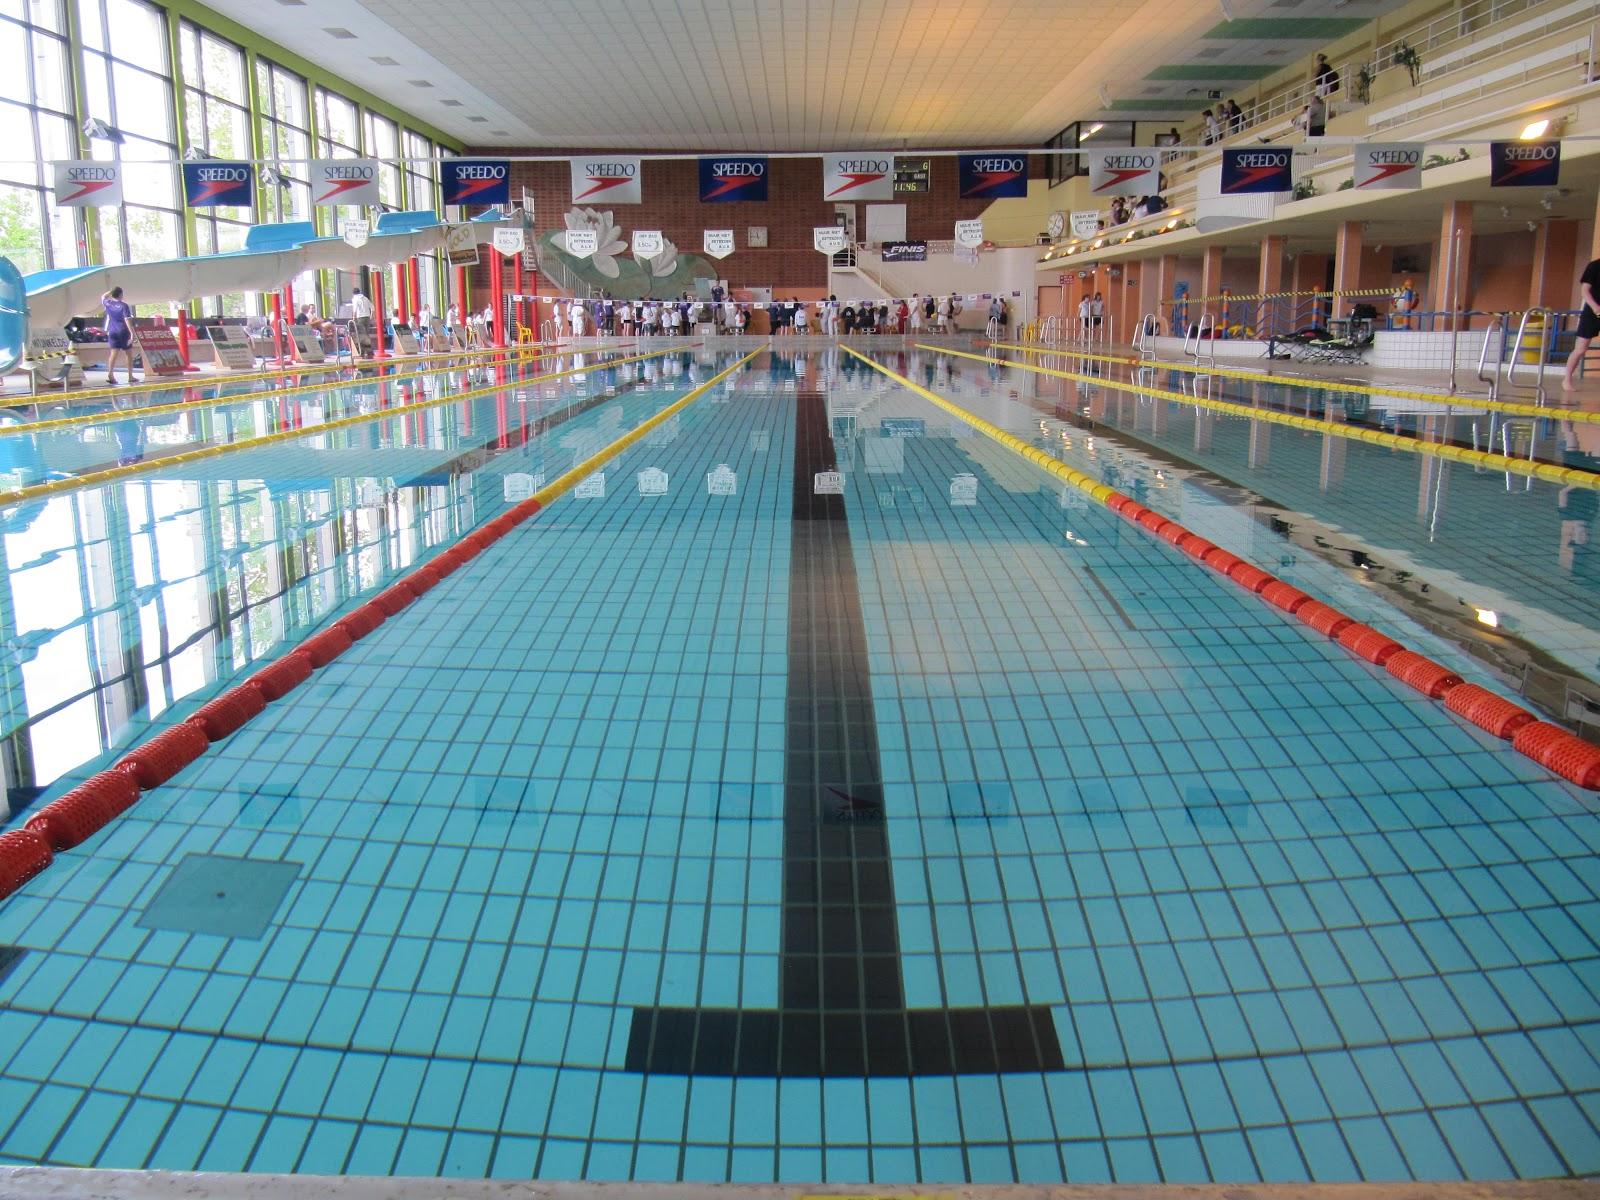 Een nieuw zwembad durven kiezen n va zwevegem - Fotos van zwembaden ...